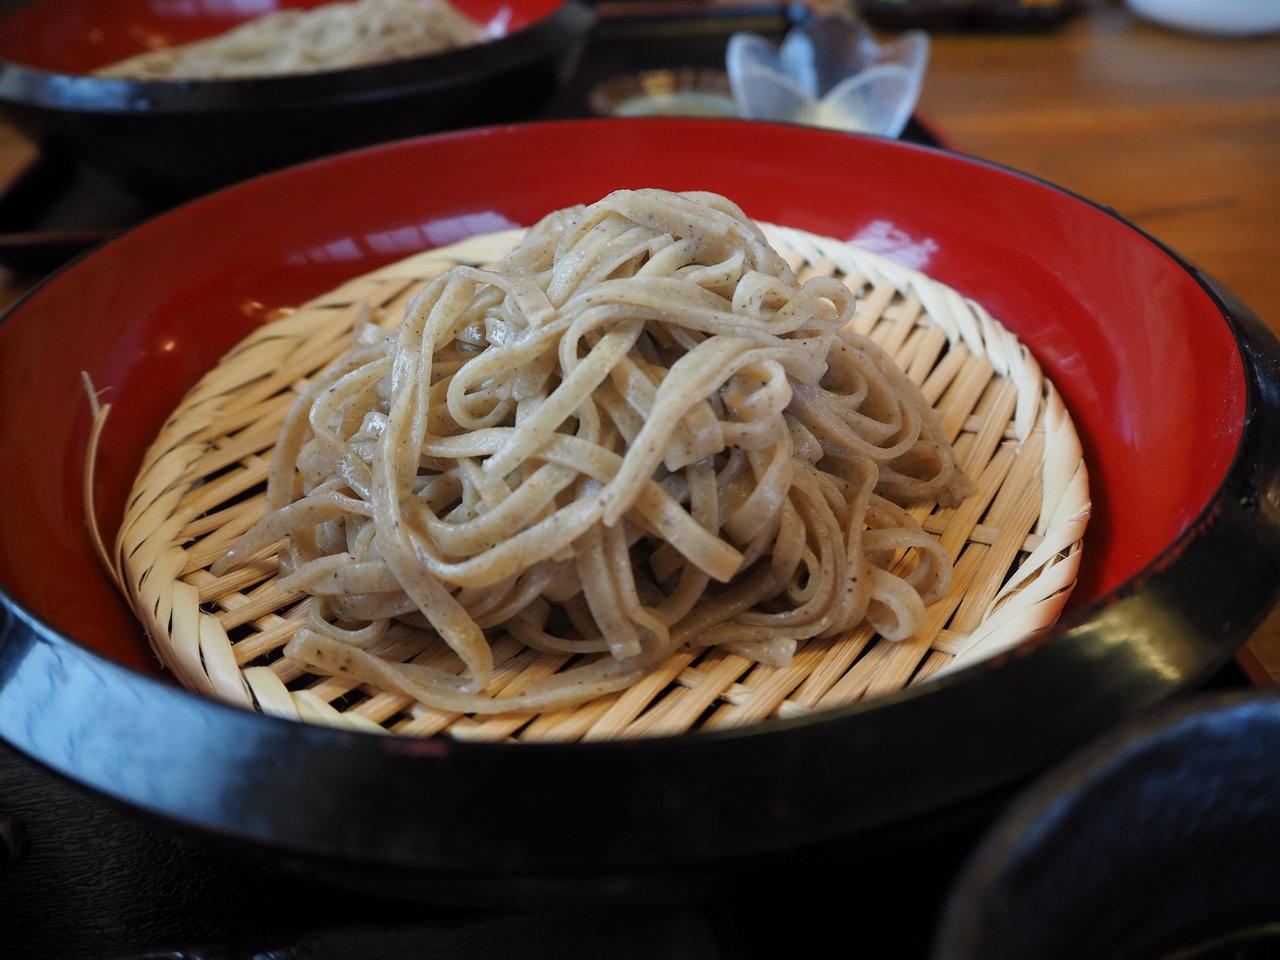 今年度の計画年休はお蕎麦で〆ることができました。 三代目めん坊(栃木県小山市)